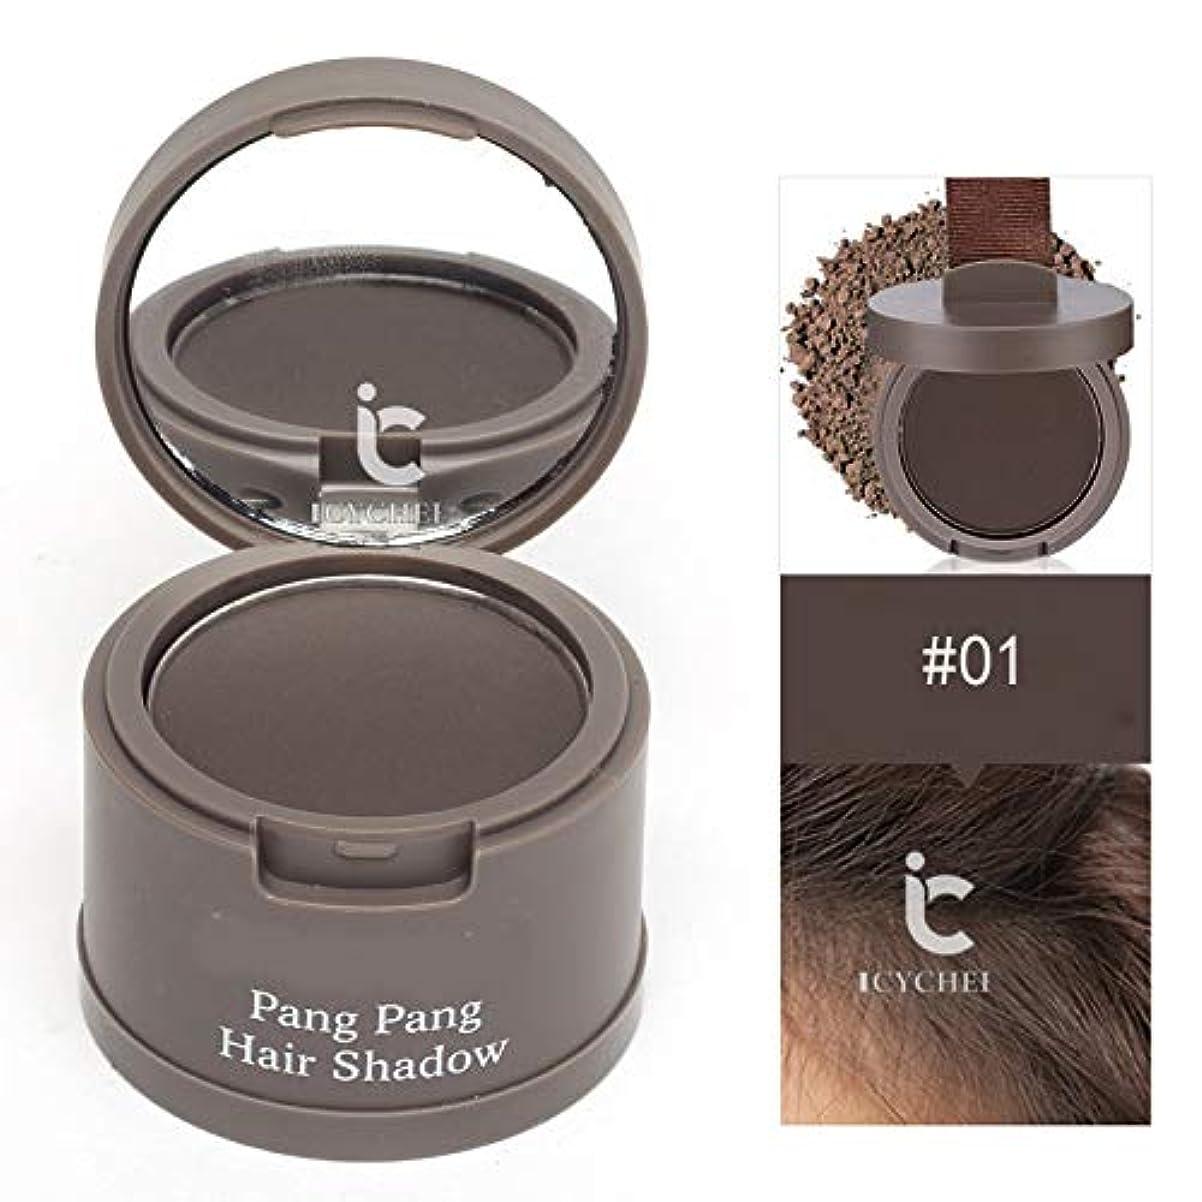 補体非アクティブ免疫髪のためのヘアラインシャドウパウダー髪のシェーダレタッチルーツと髪パーフェクトカバレッジをラスティングICYCHEER防水ロング (01)